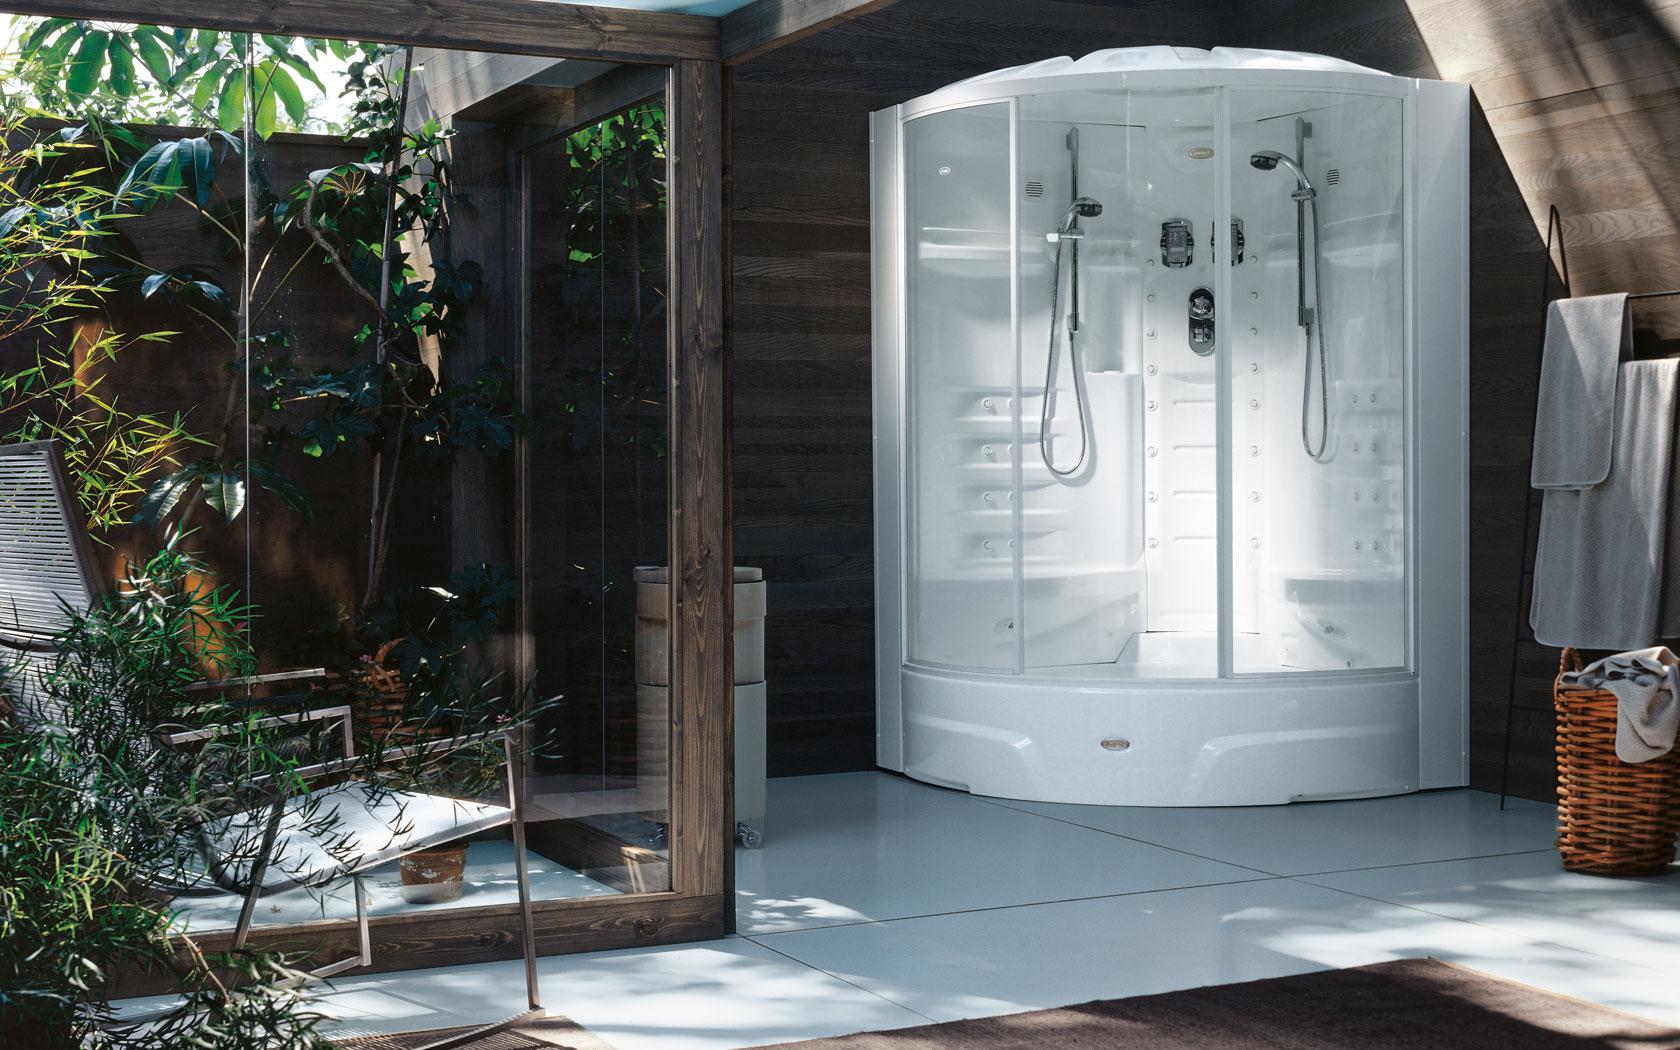 Что выбрать: ванну или душевую кабину – сравнительный анализ сантехнических устройств